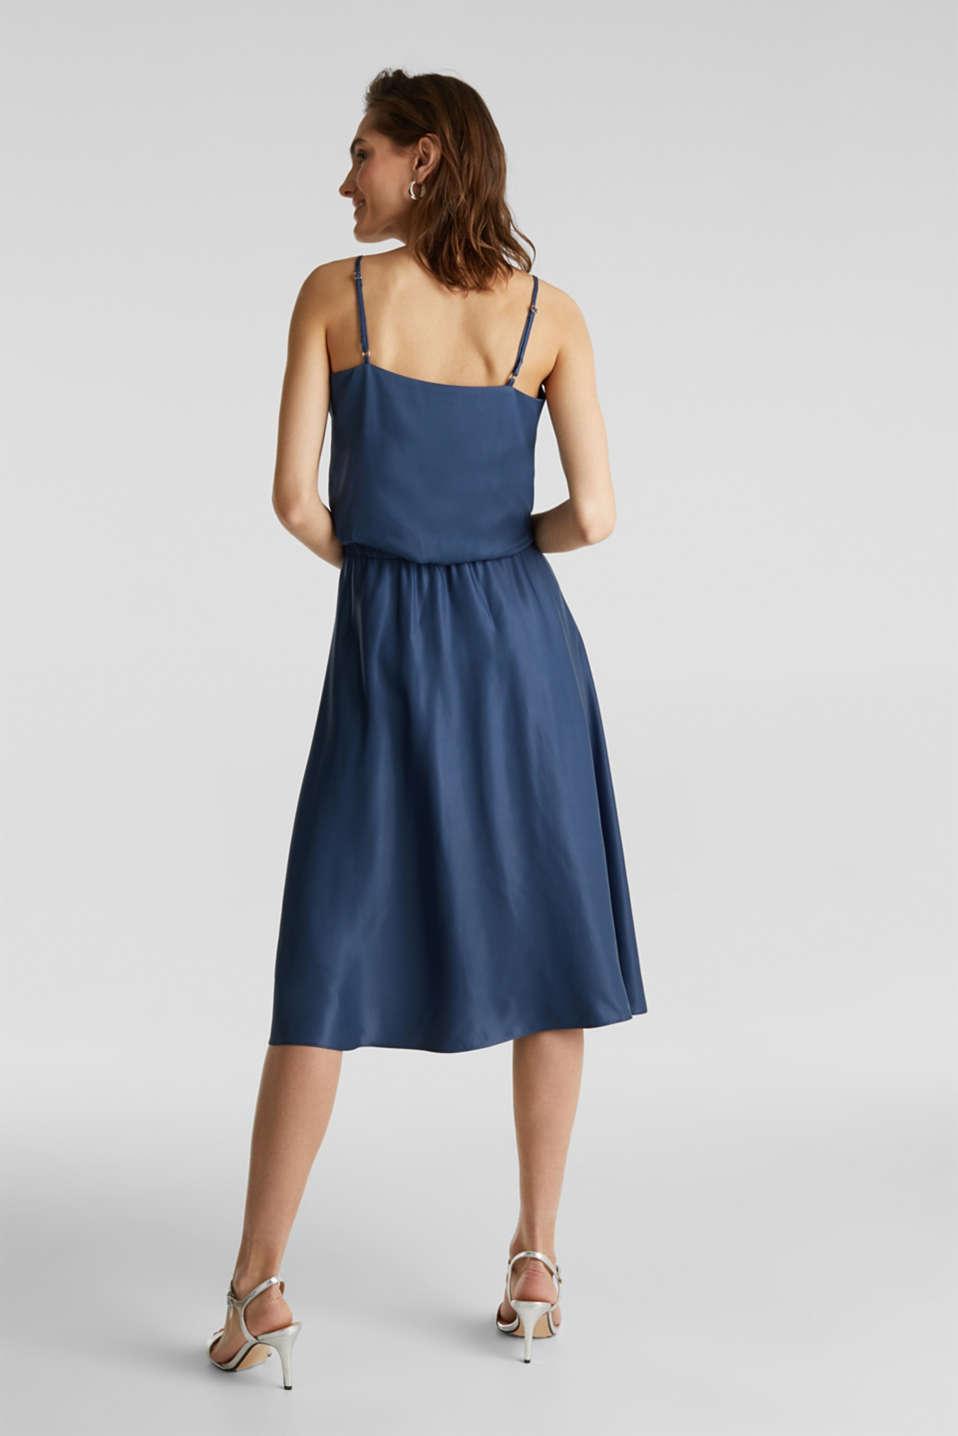 Flared satin skirt, PETROL BLUE 2, detail image number 2